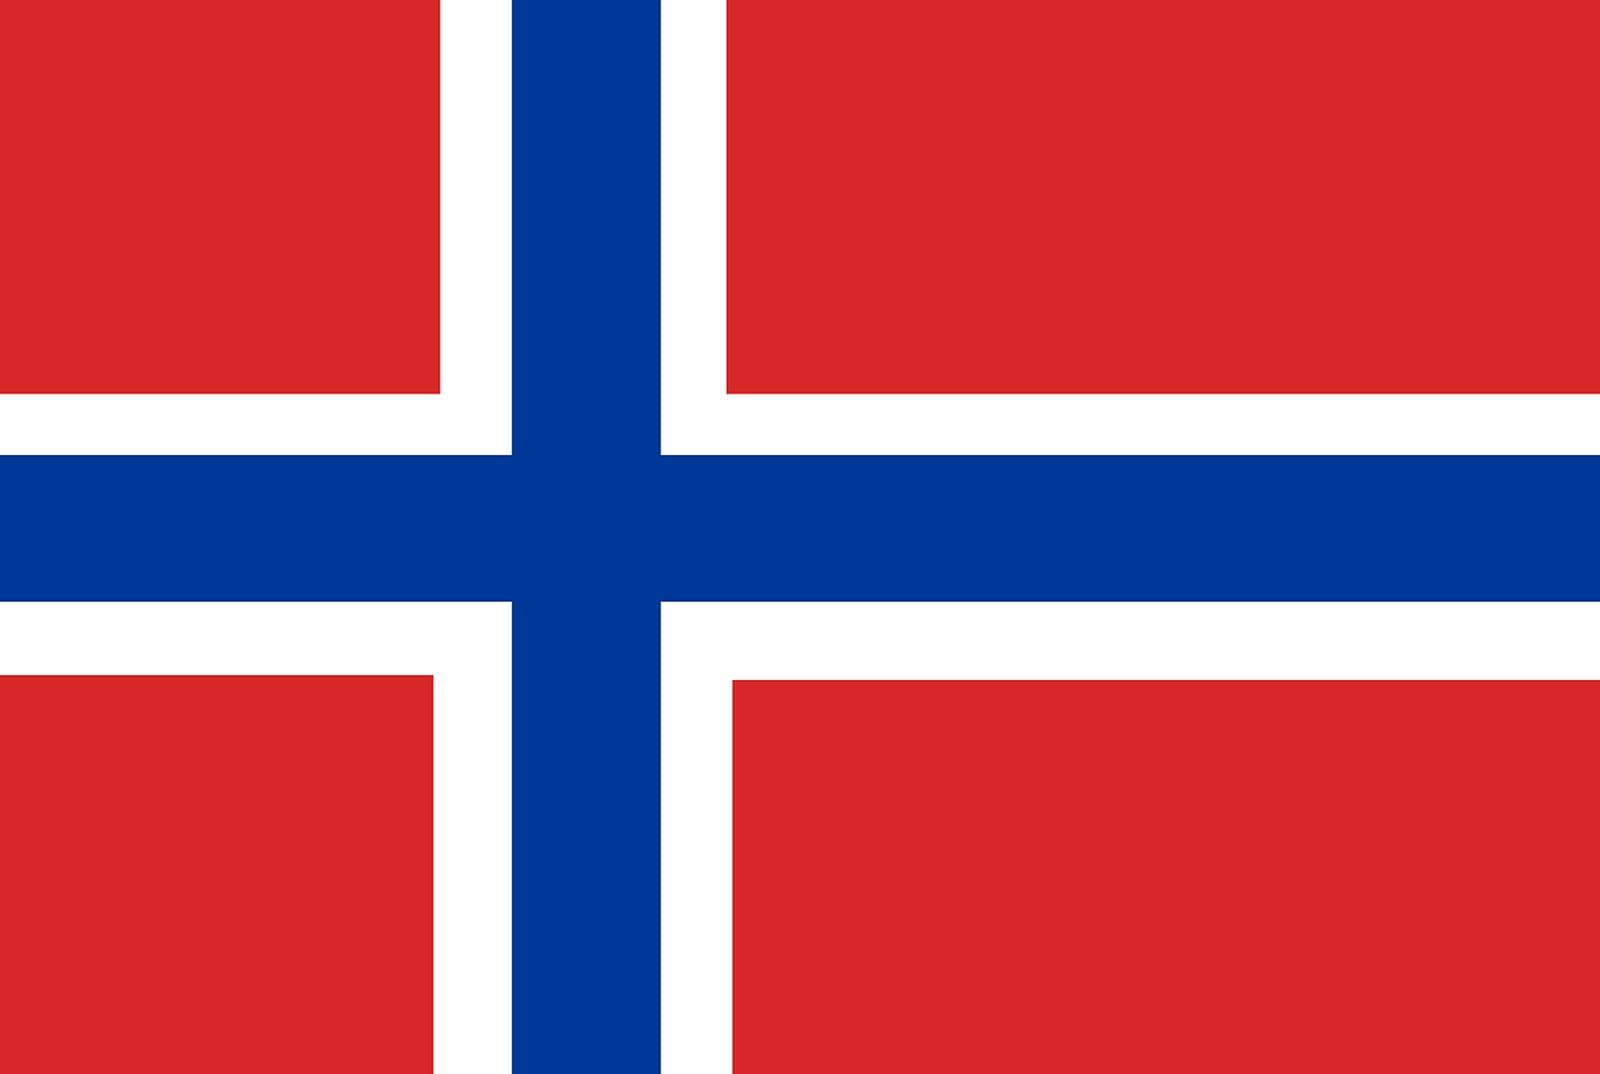 Vlag Noorwegen Opsneeuwvakantie